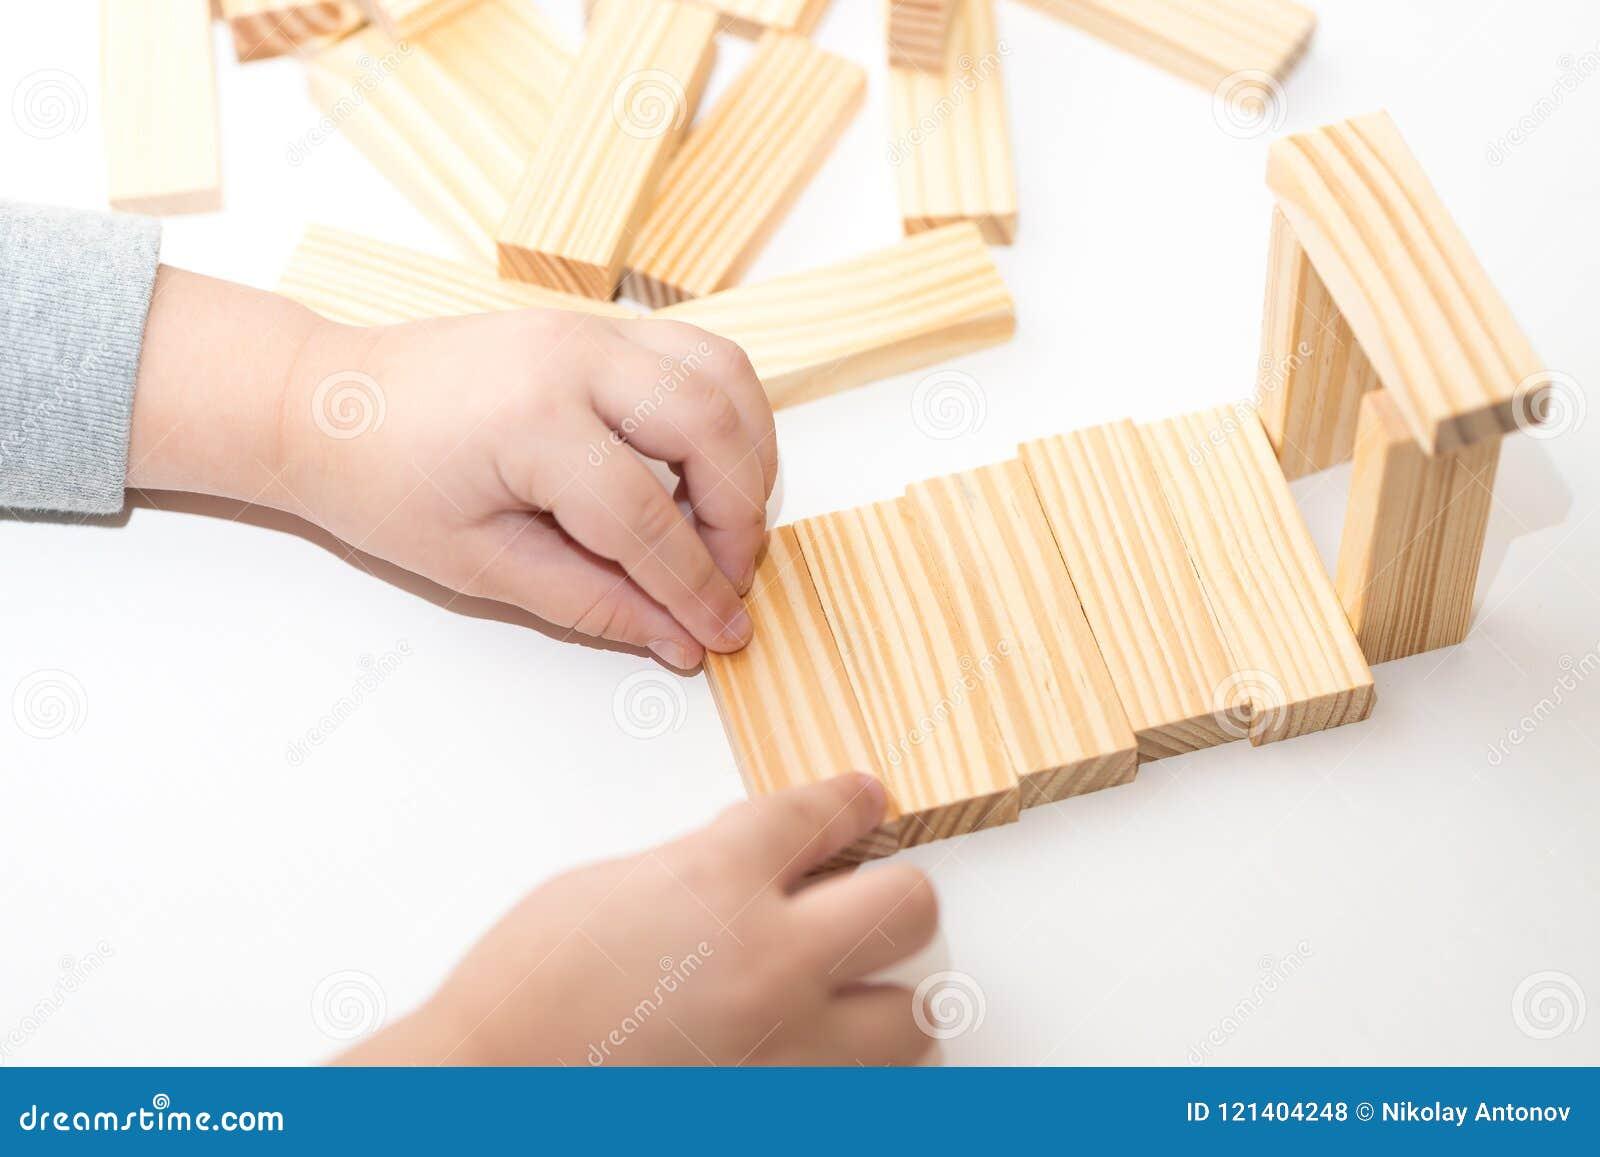 Zbliżenie dzieciak ręki bawić się z drewnianymi blokami i buduje dom jest edukacja starego odizolowane pojęcia